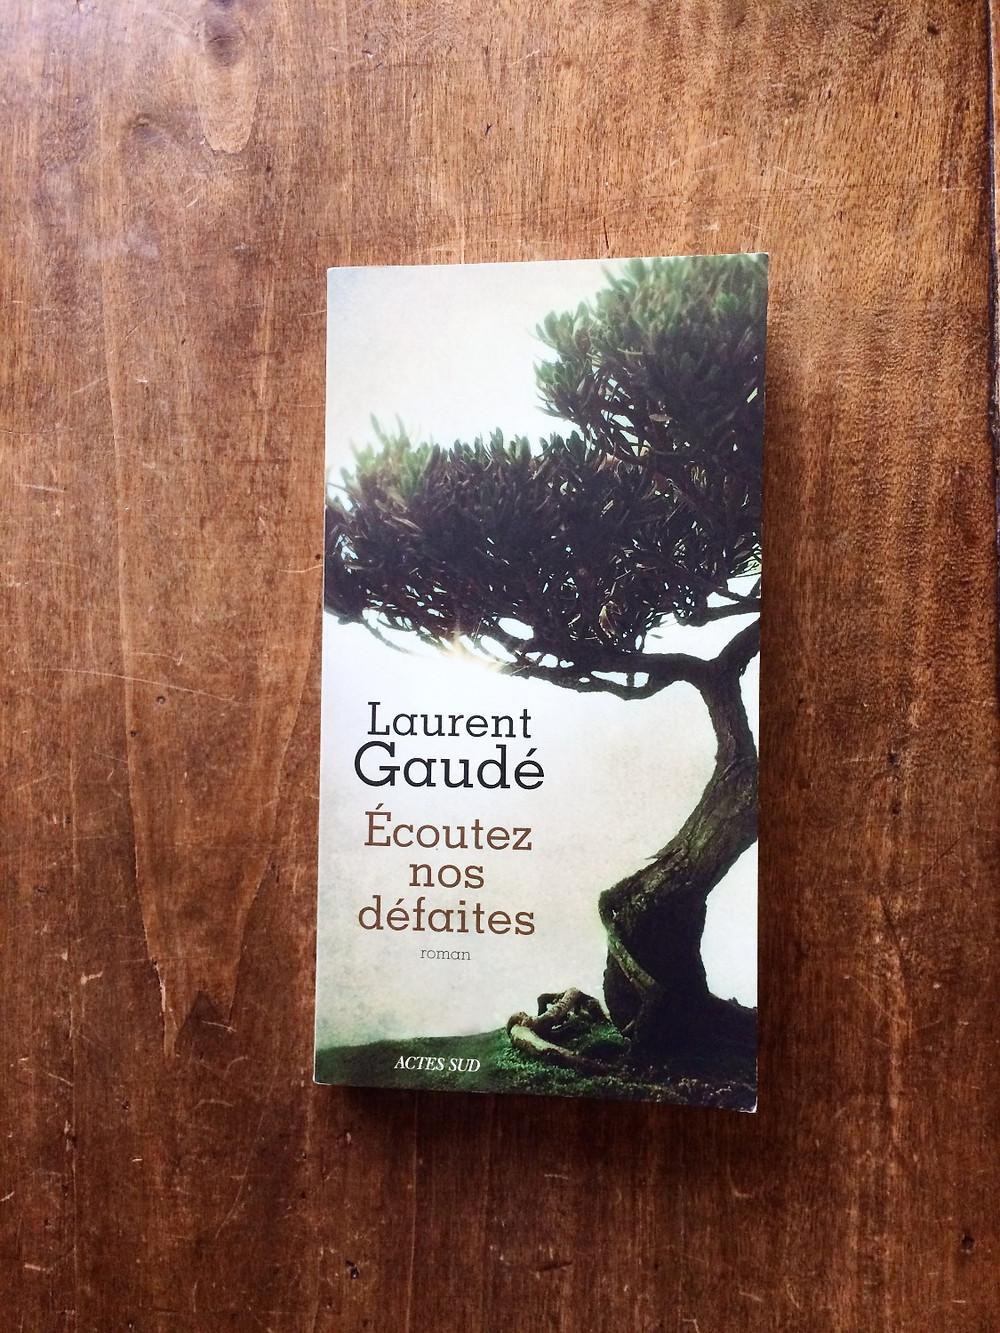 Photo : Laurent Gaudé, Ecoutez nos défaites